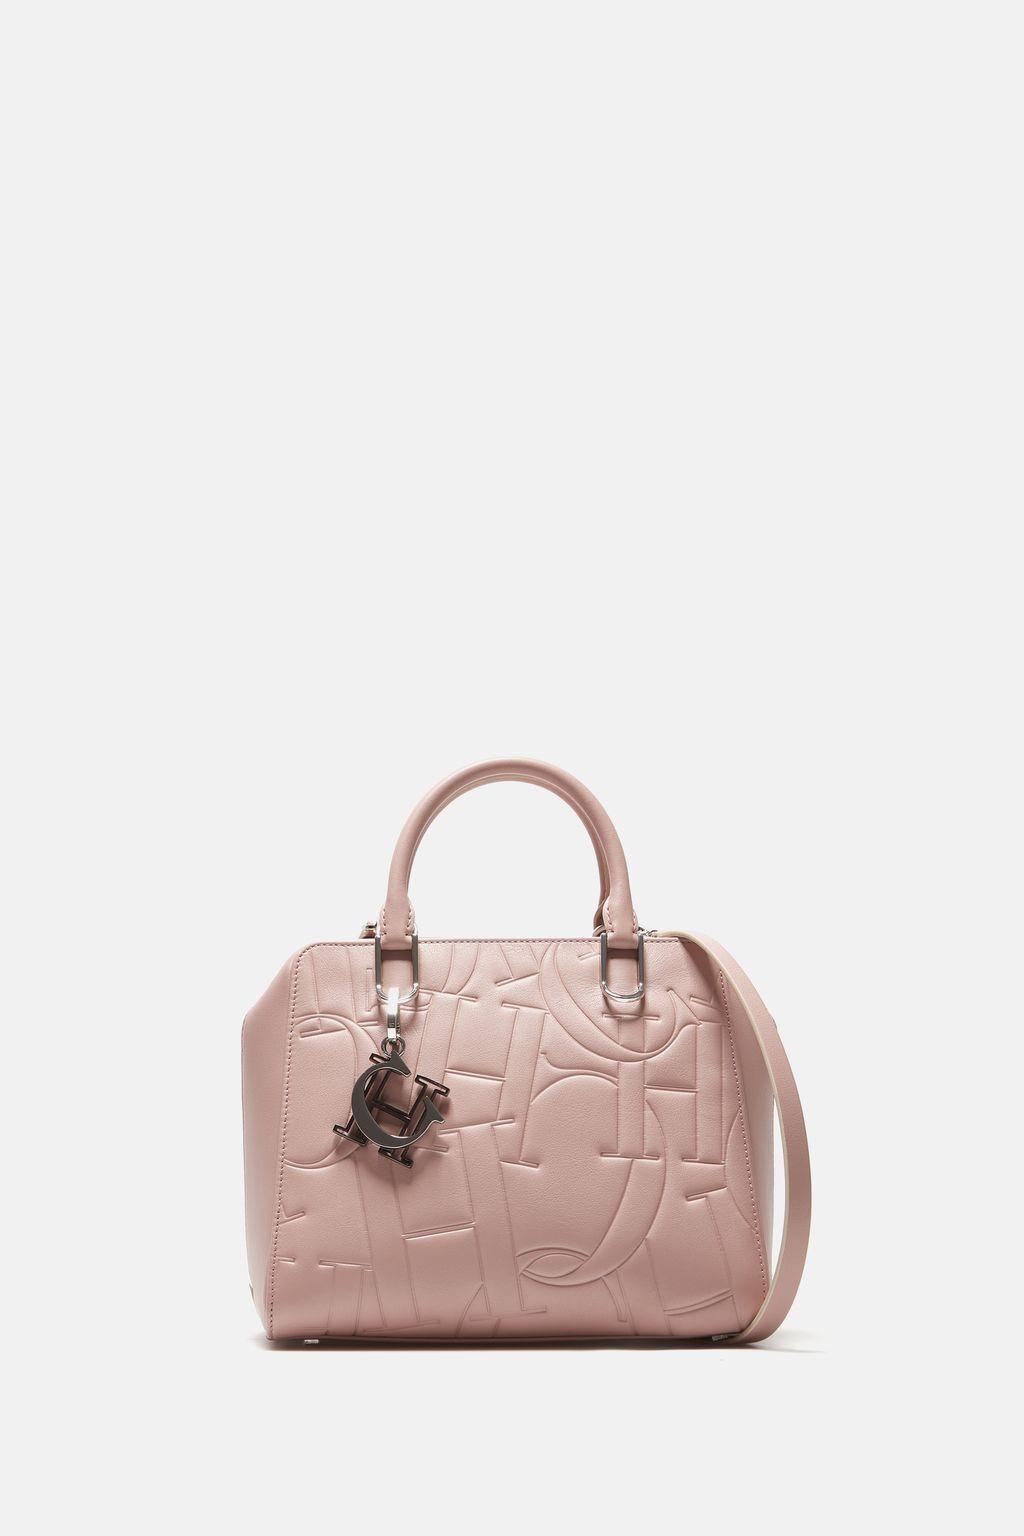 Baron   Medium handbag